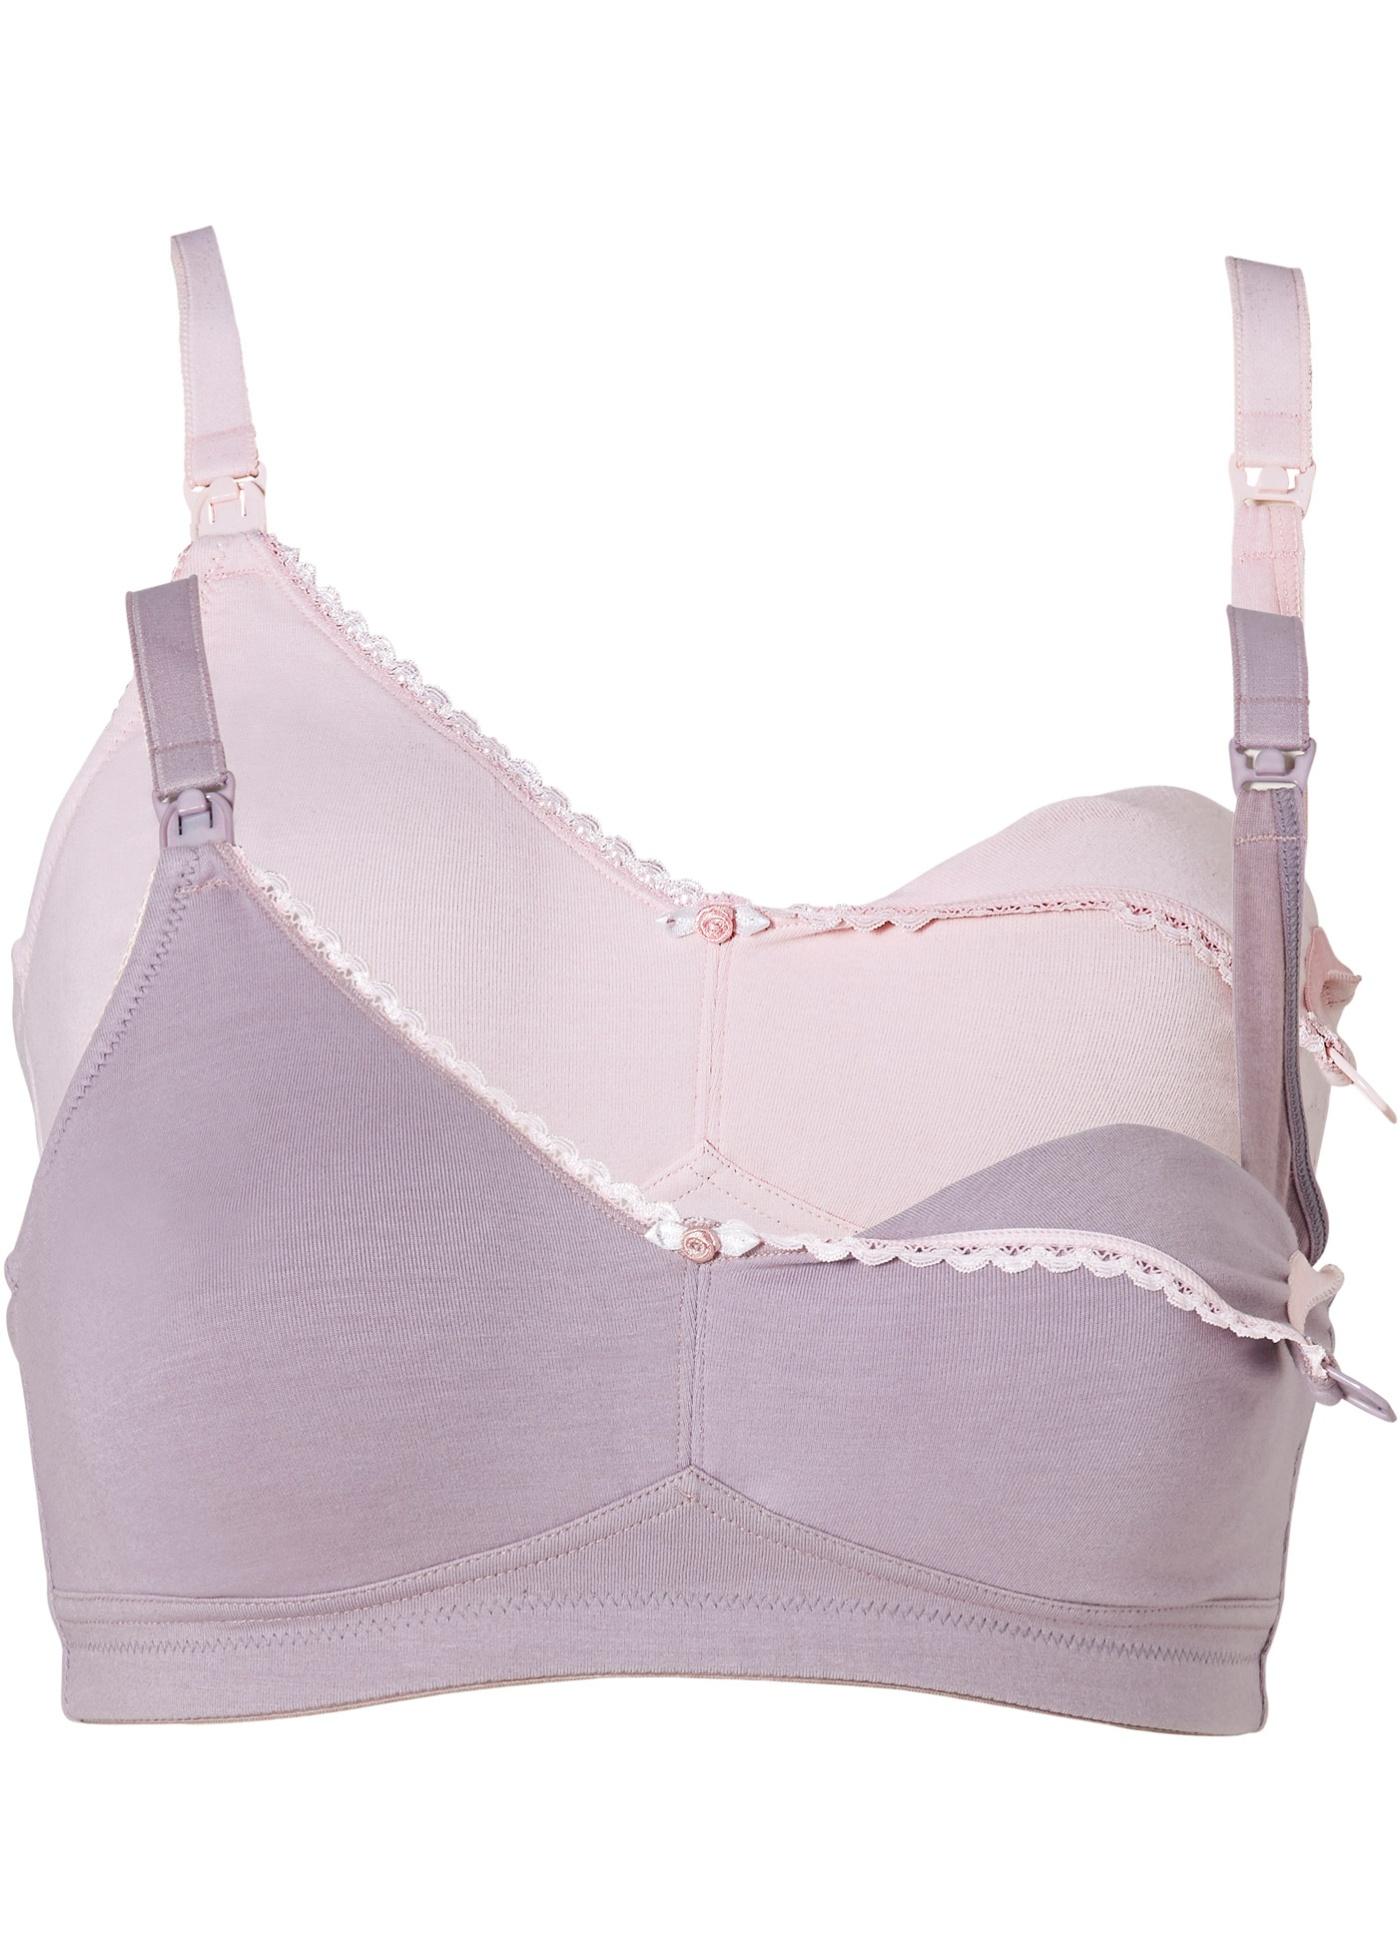 Schwangerschaftsmode - Still BH (2er Pack) aus Bio Baumwolle › bonprix › rosa  - Onlineshop Bonprix